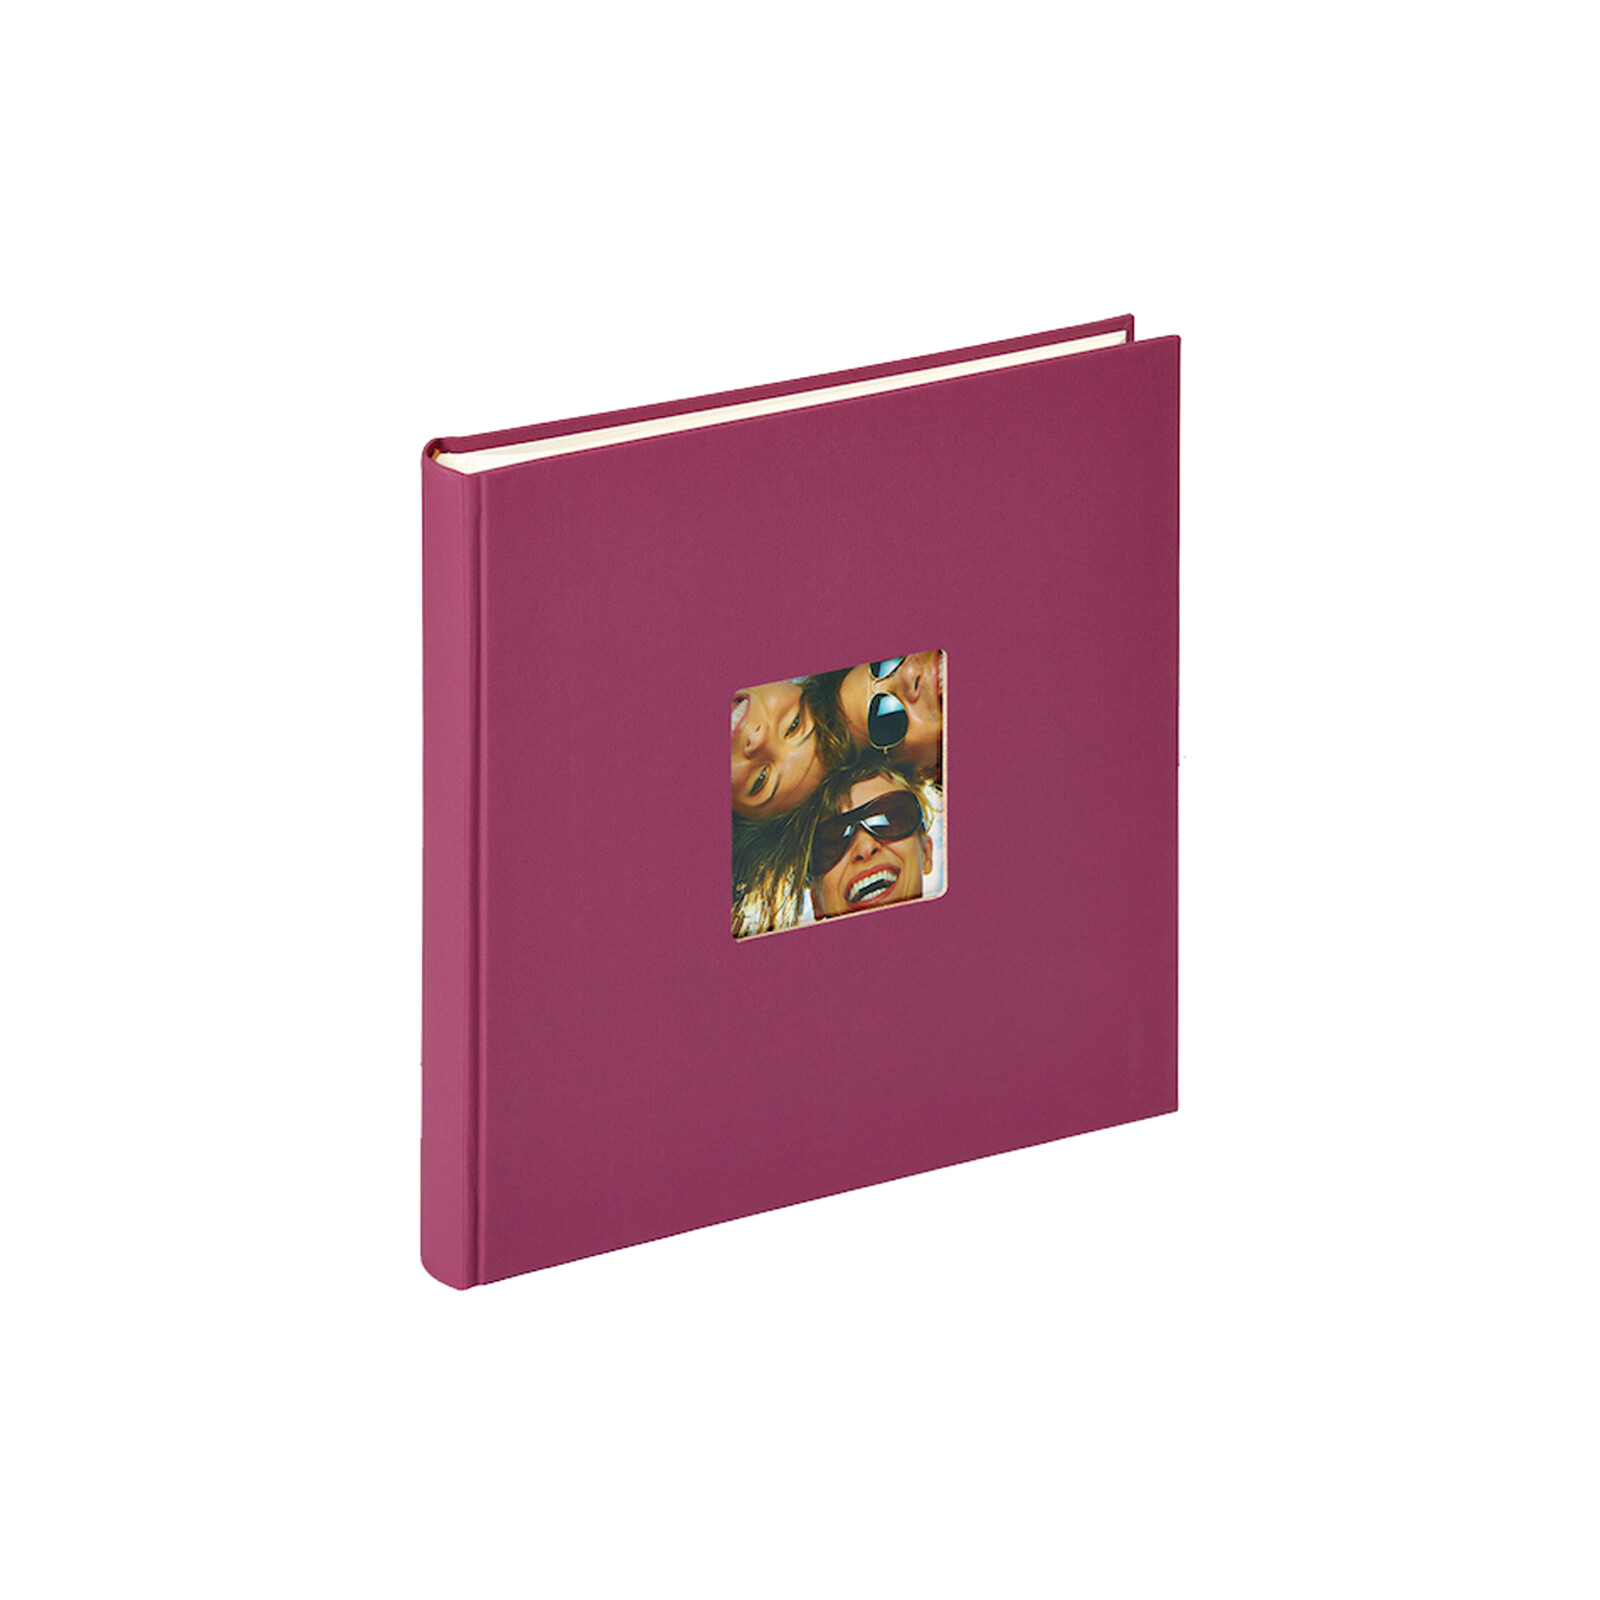 Album FA-205 26x25 40S Fun Violett